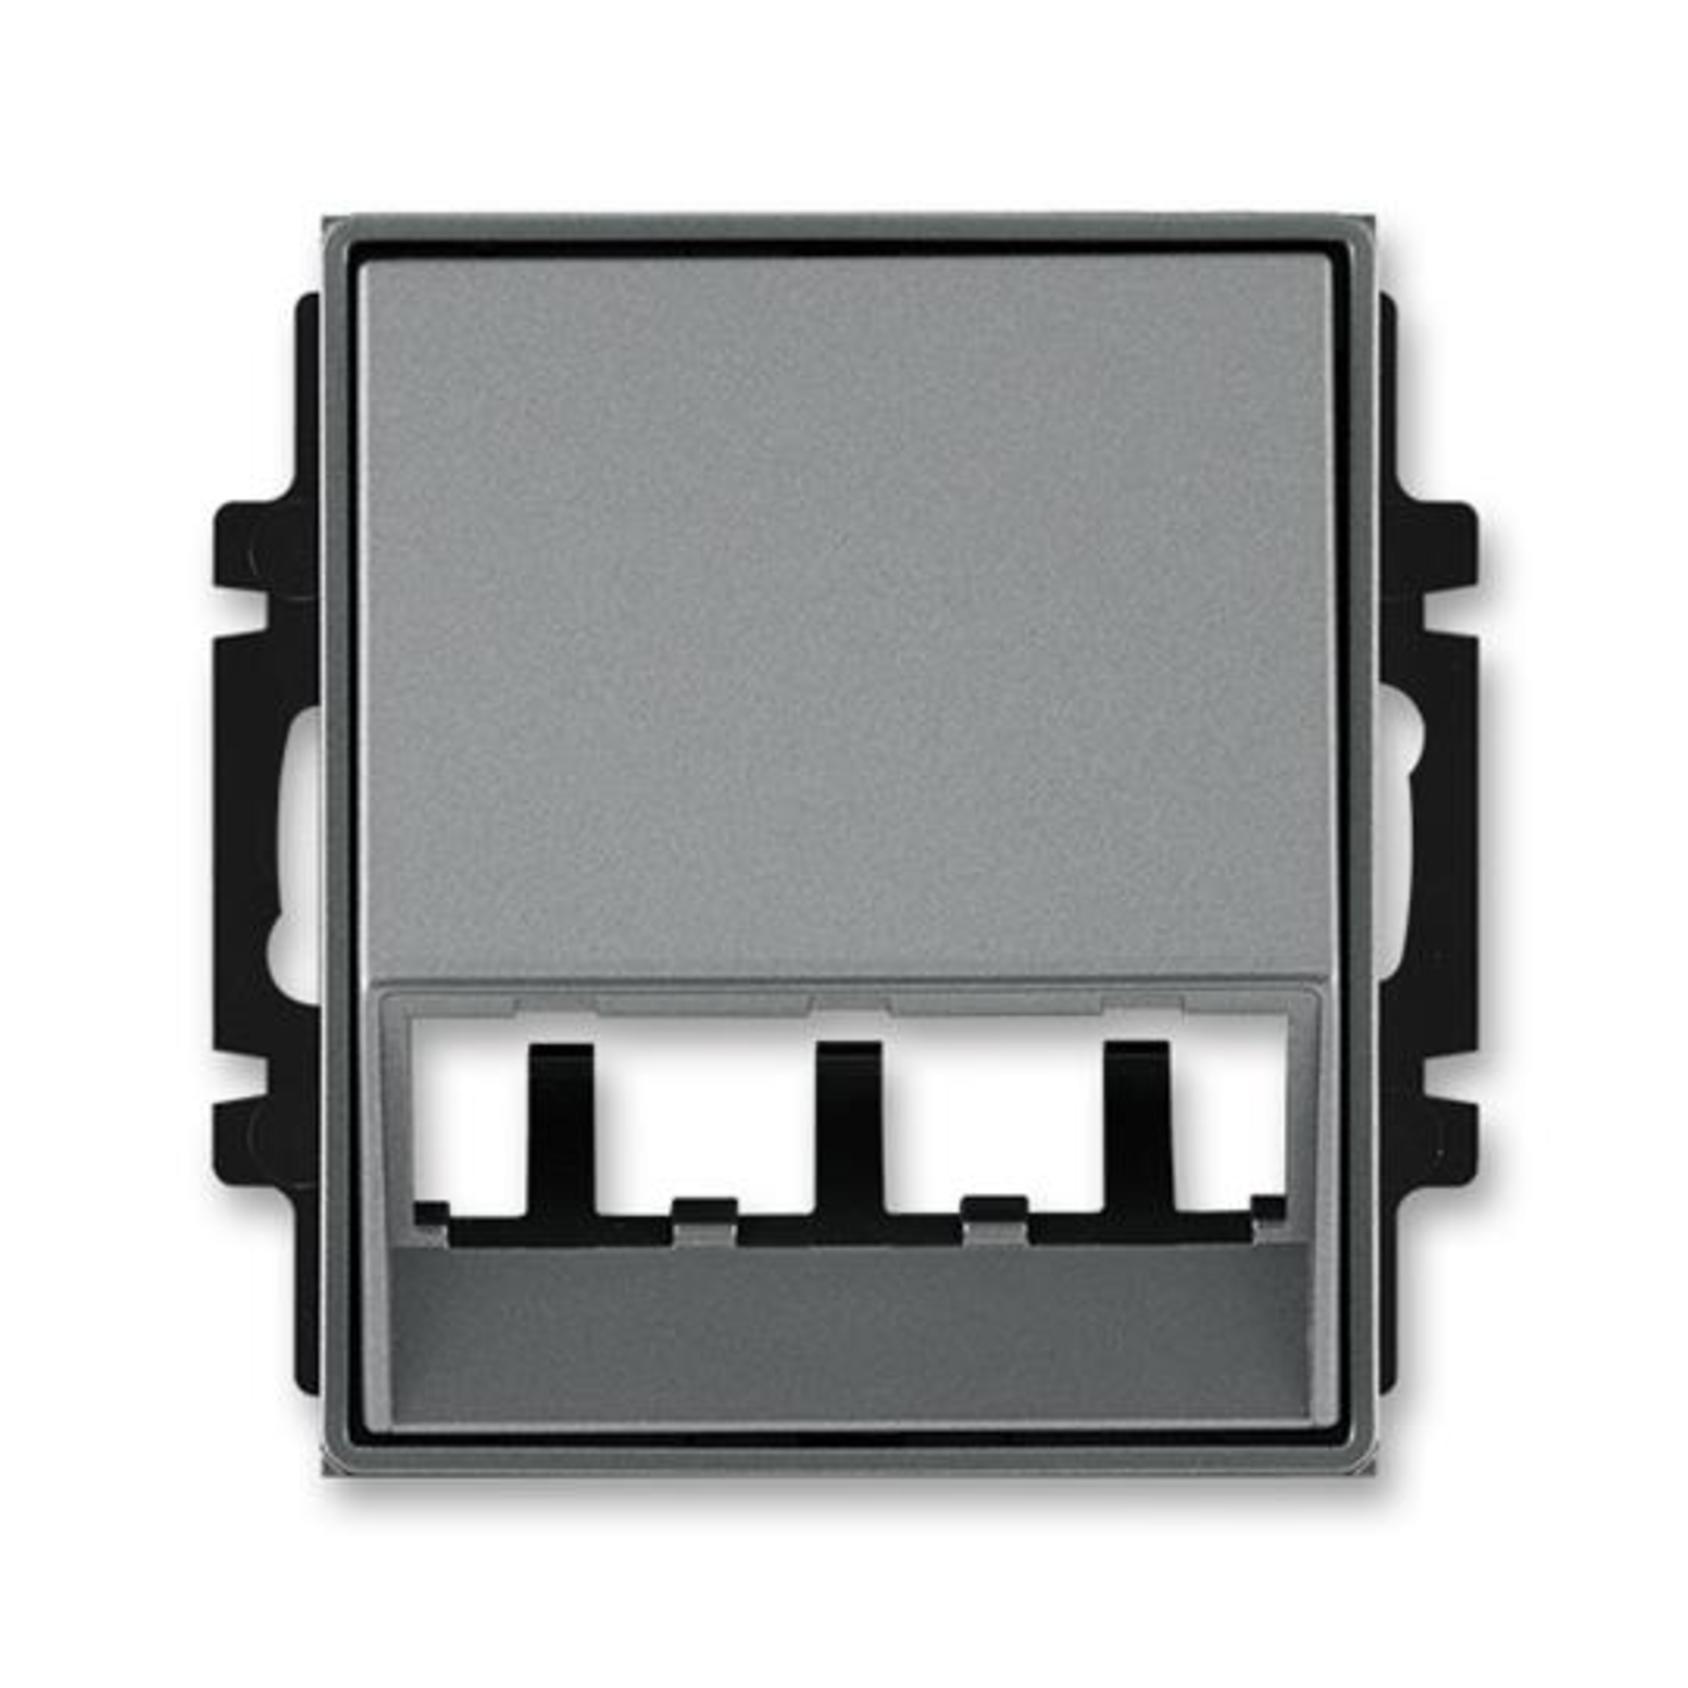 ABB 5014E-A00400 36 Time Kryt pro šikmé osvětlení s LED nebo pro prvky Panduit Mini-Com